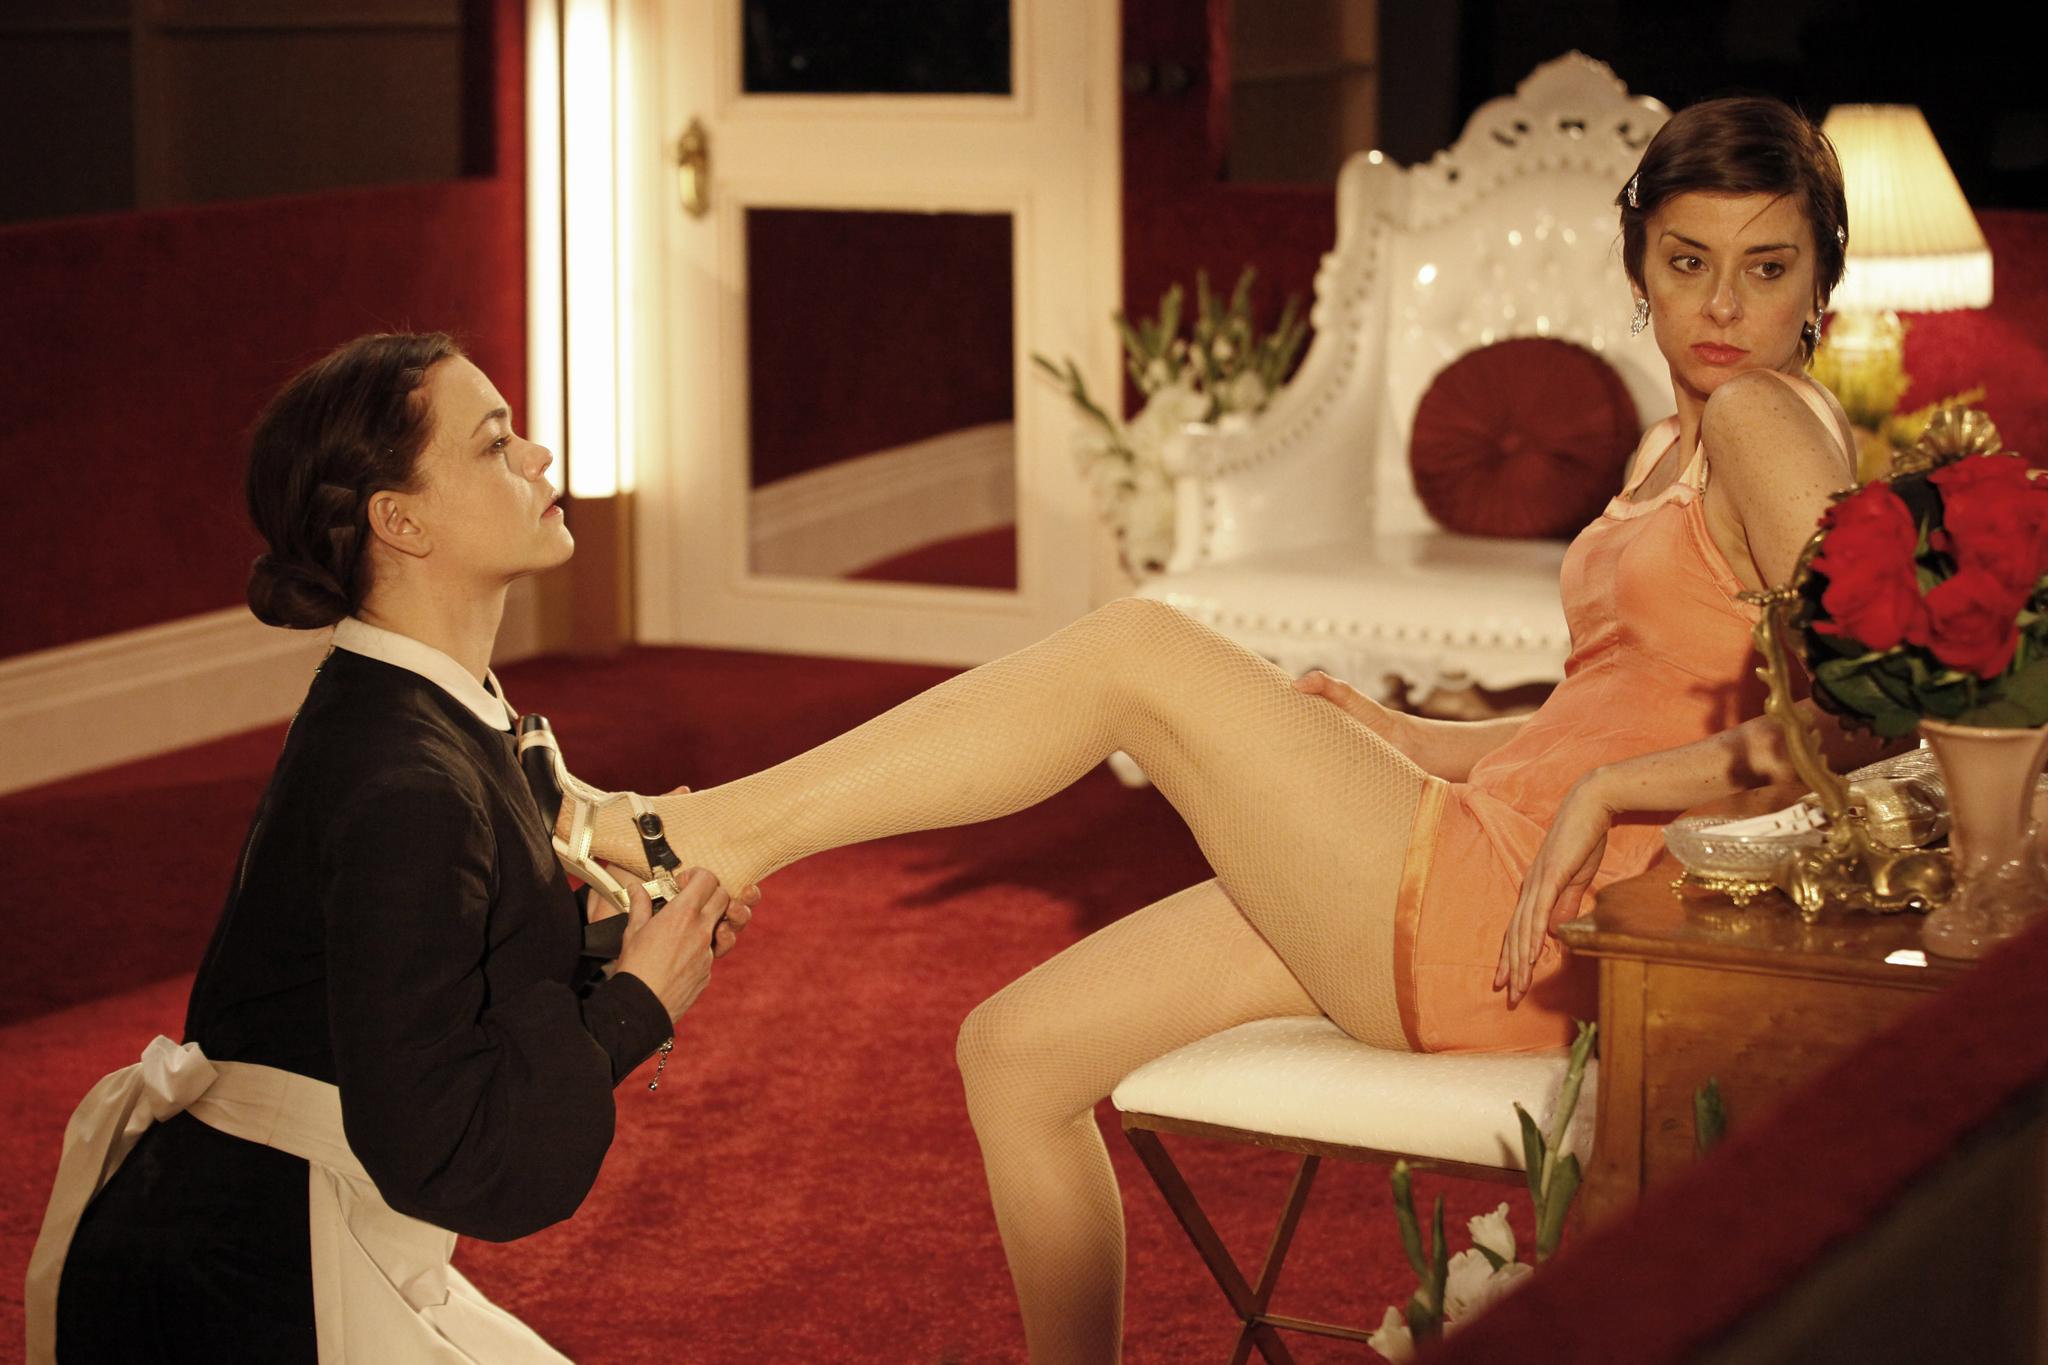 Смотреть онлайн секс господин раба госпожа раб, Русская госпожа срет на раба -видео. Смотреть 18 фотография